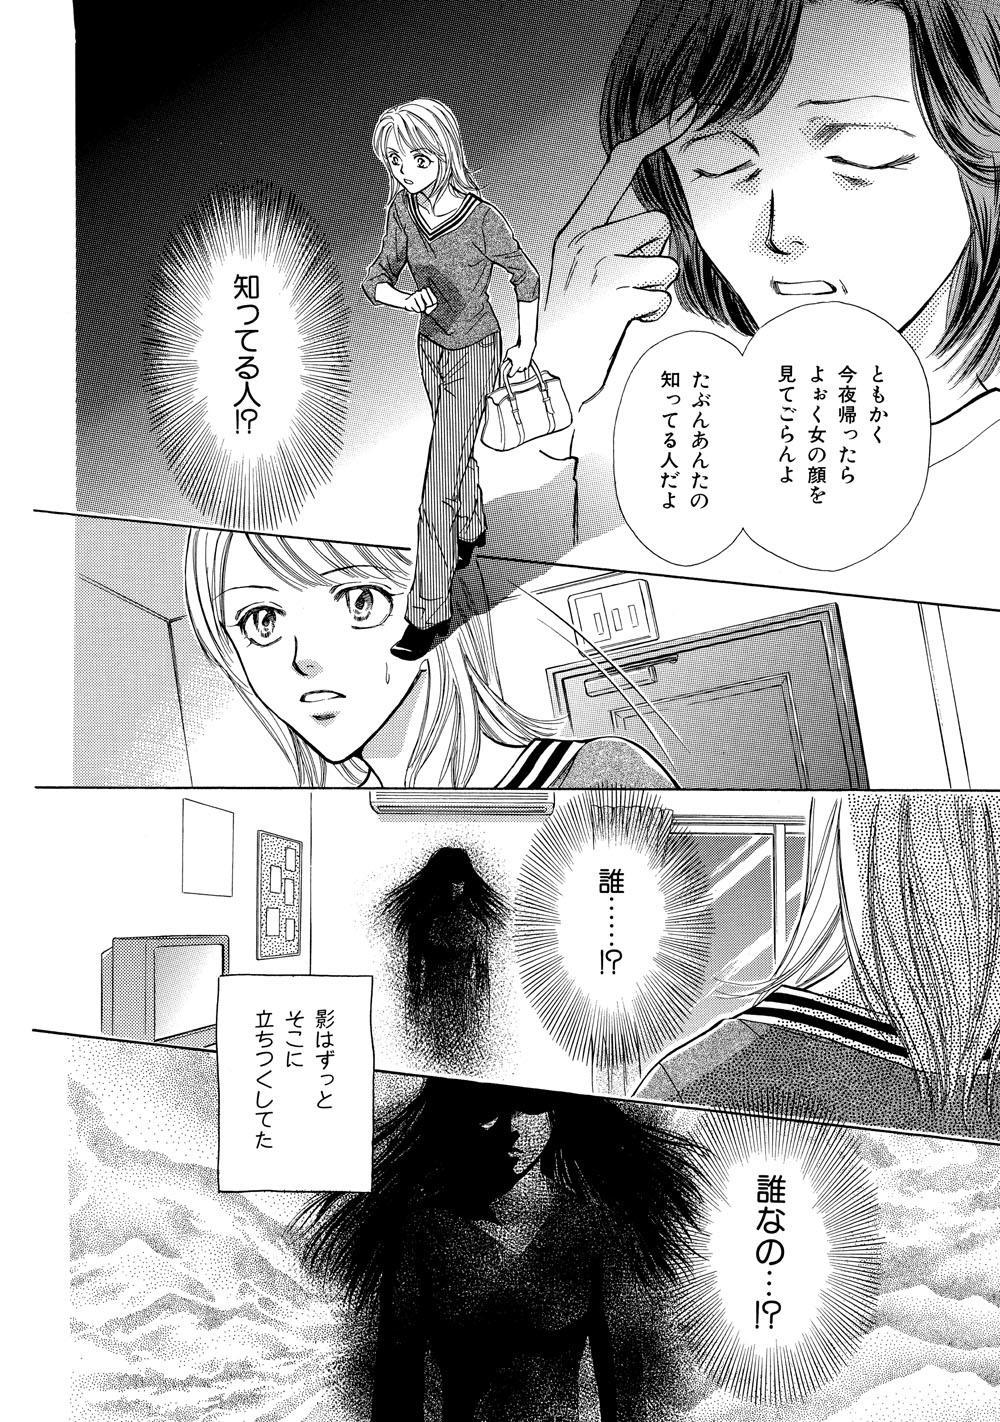 テレビ版_ほん怖_294.jpg